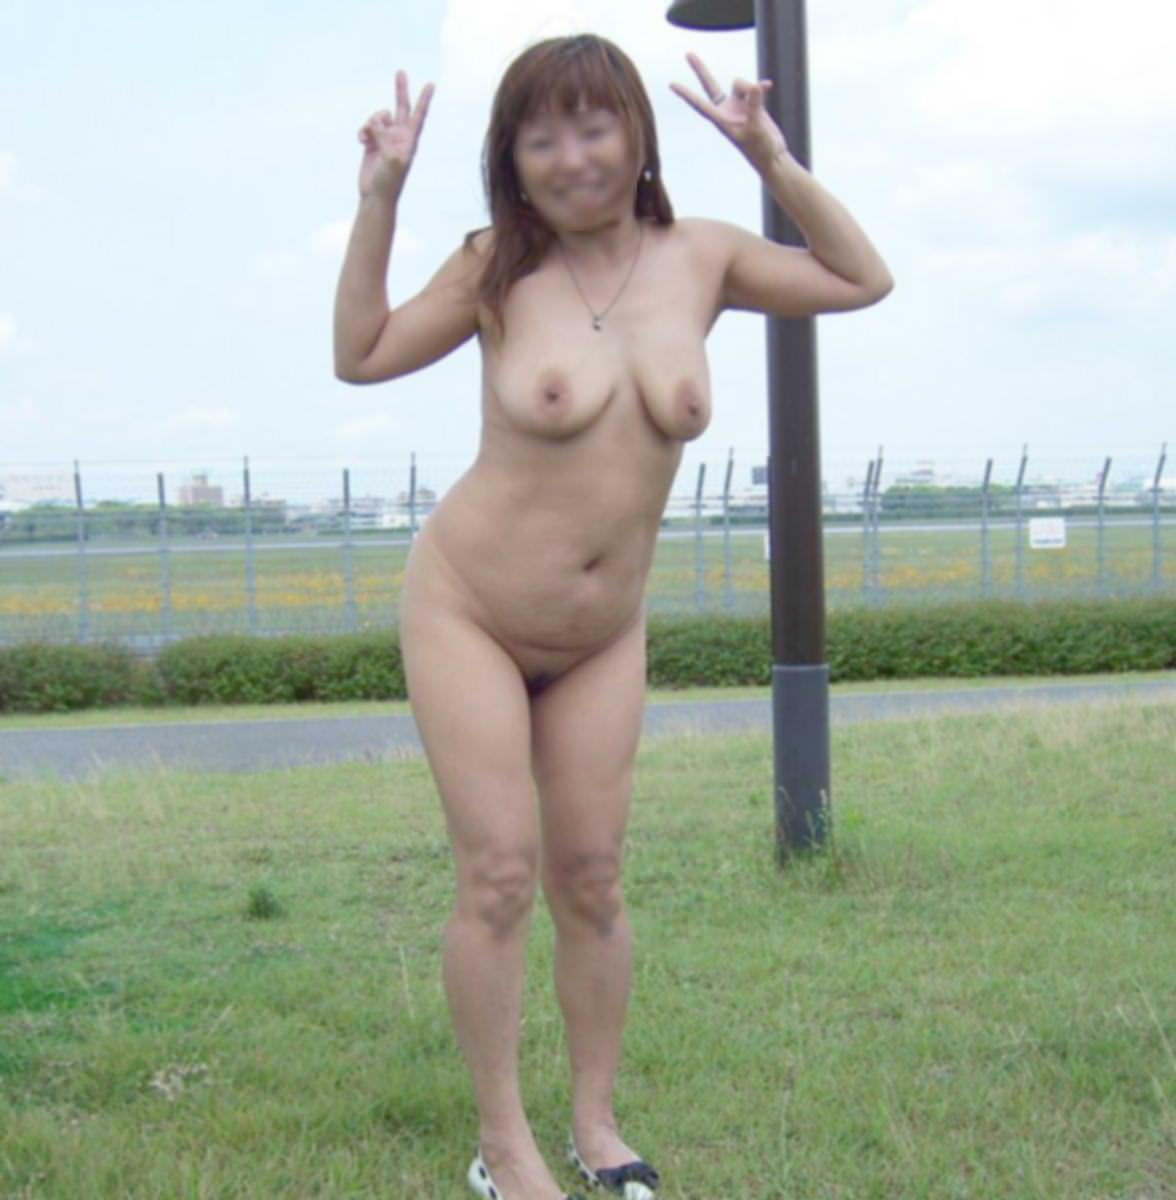 むっちり太った体にめっちゃ興奮する人妻熟女のエロ画像 2308